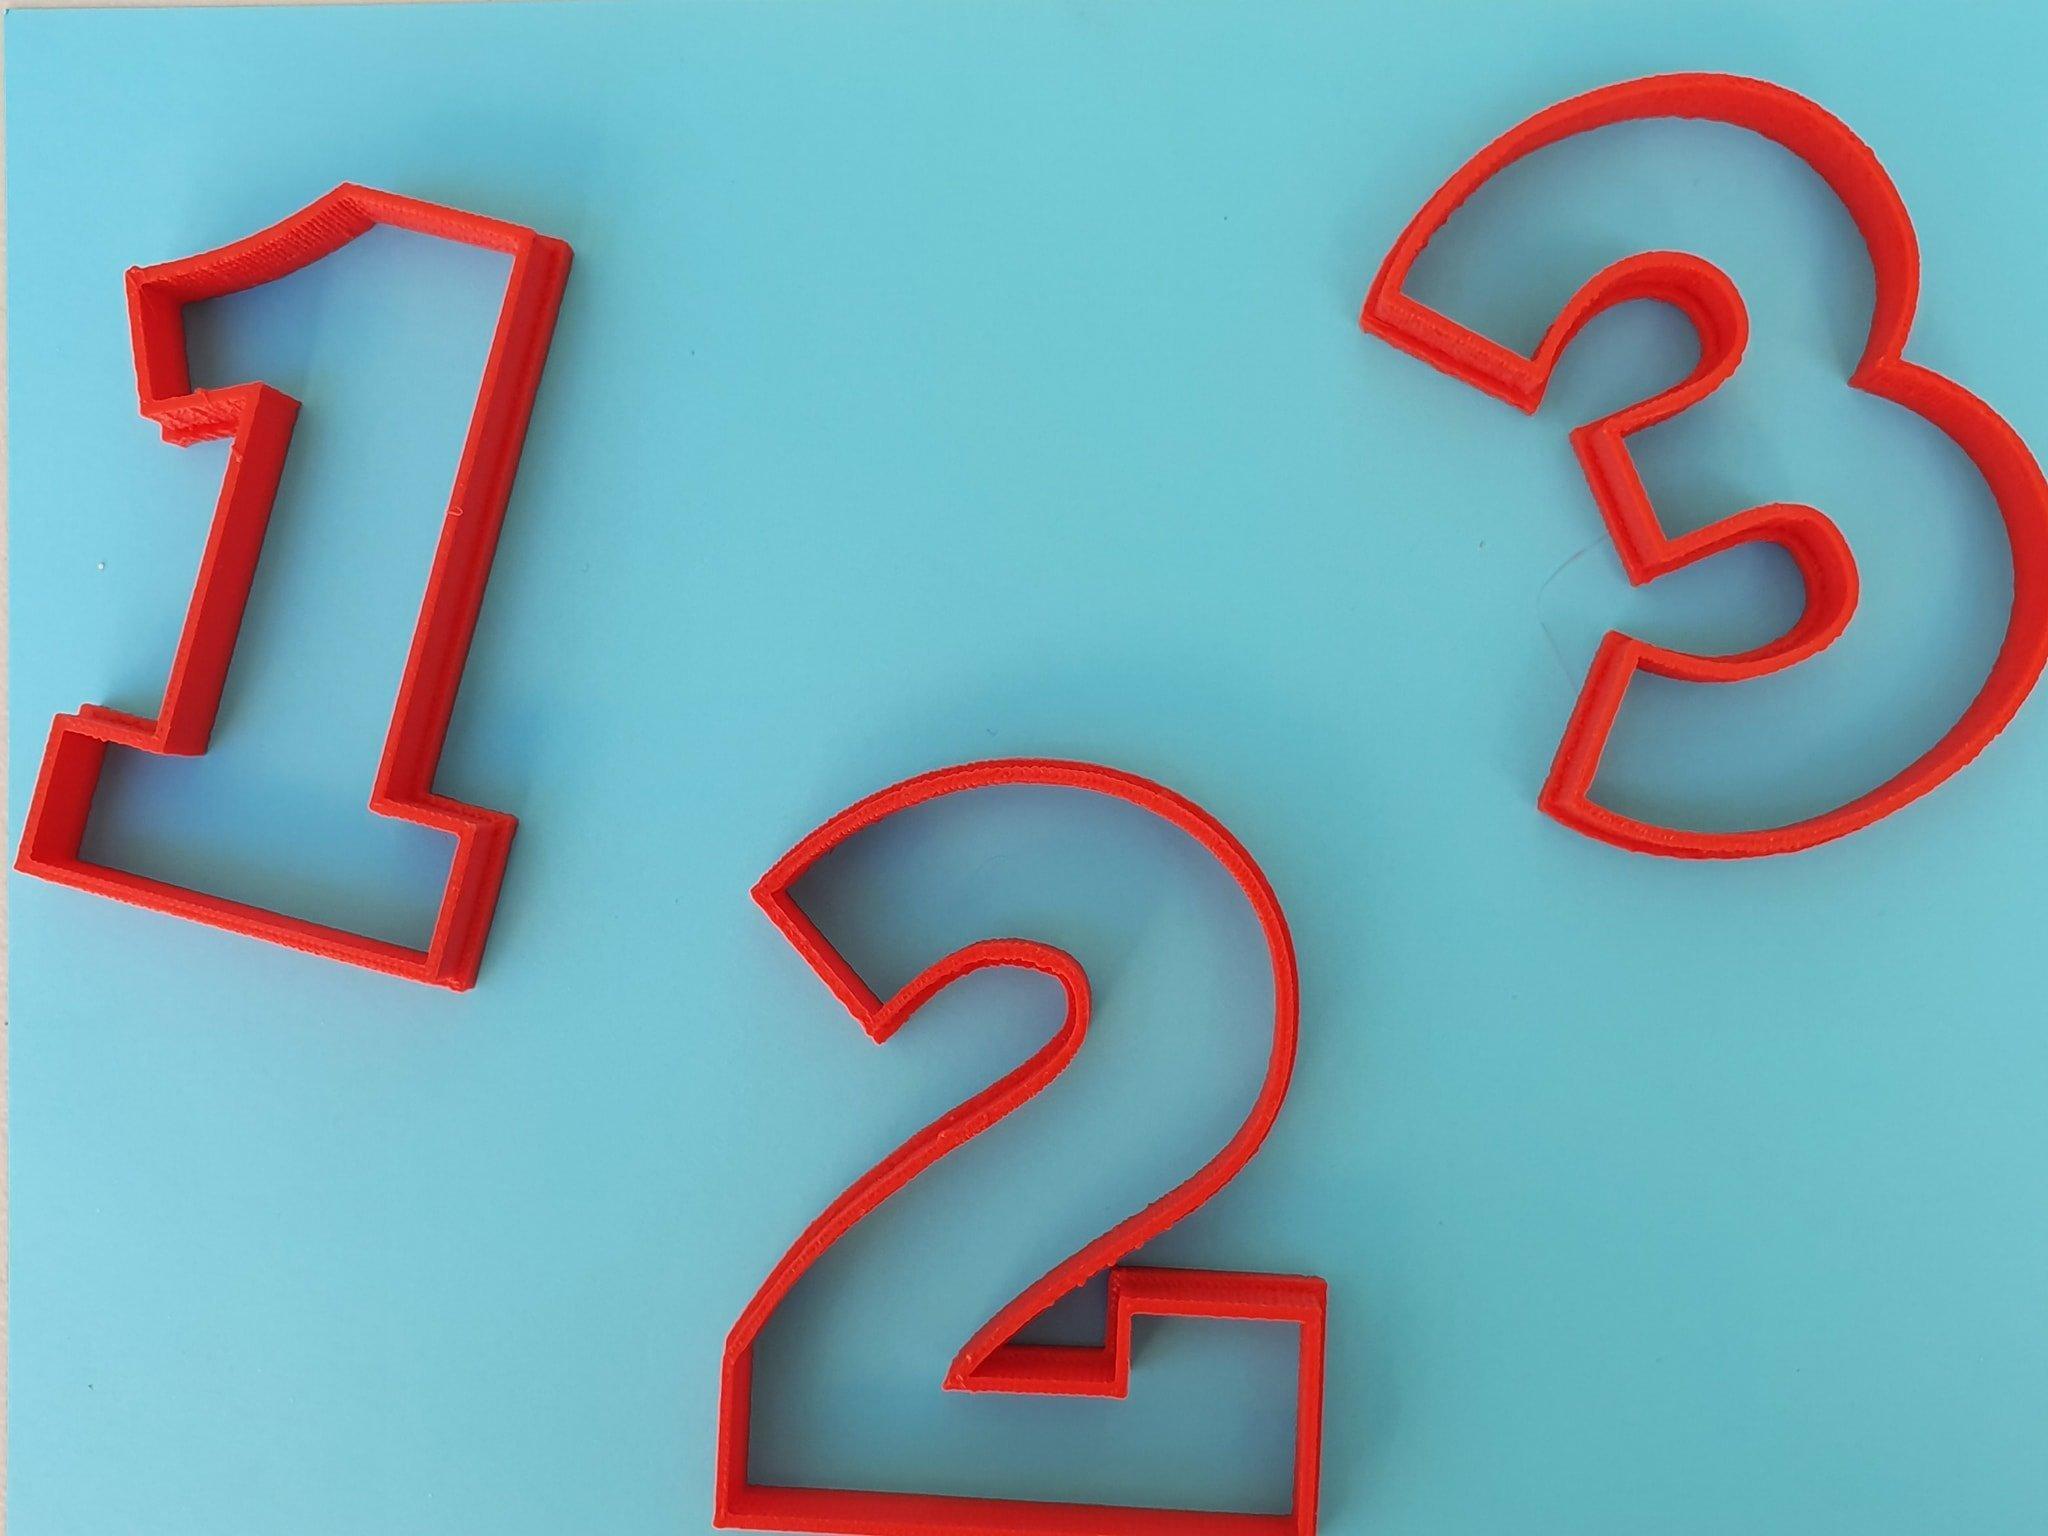 83453823_2711285152451955_6696001588154003661_o.jpg Télécharger fichier STL gratuit Lot de 10 moules à biscuits numérotés • Design à imprimer en 3D, icepro10